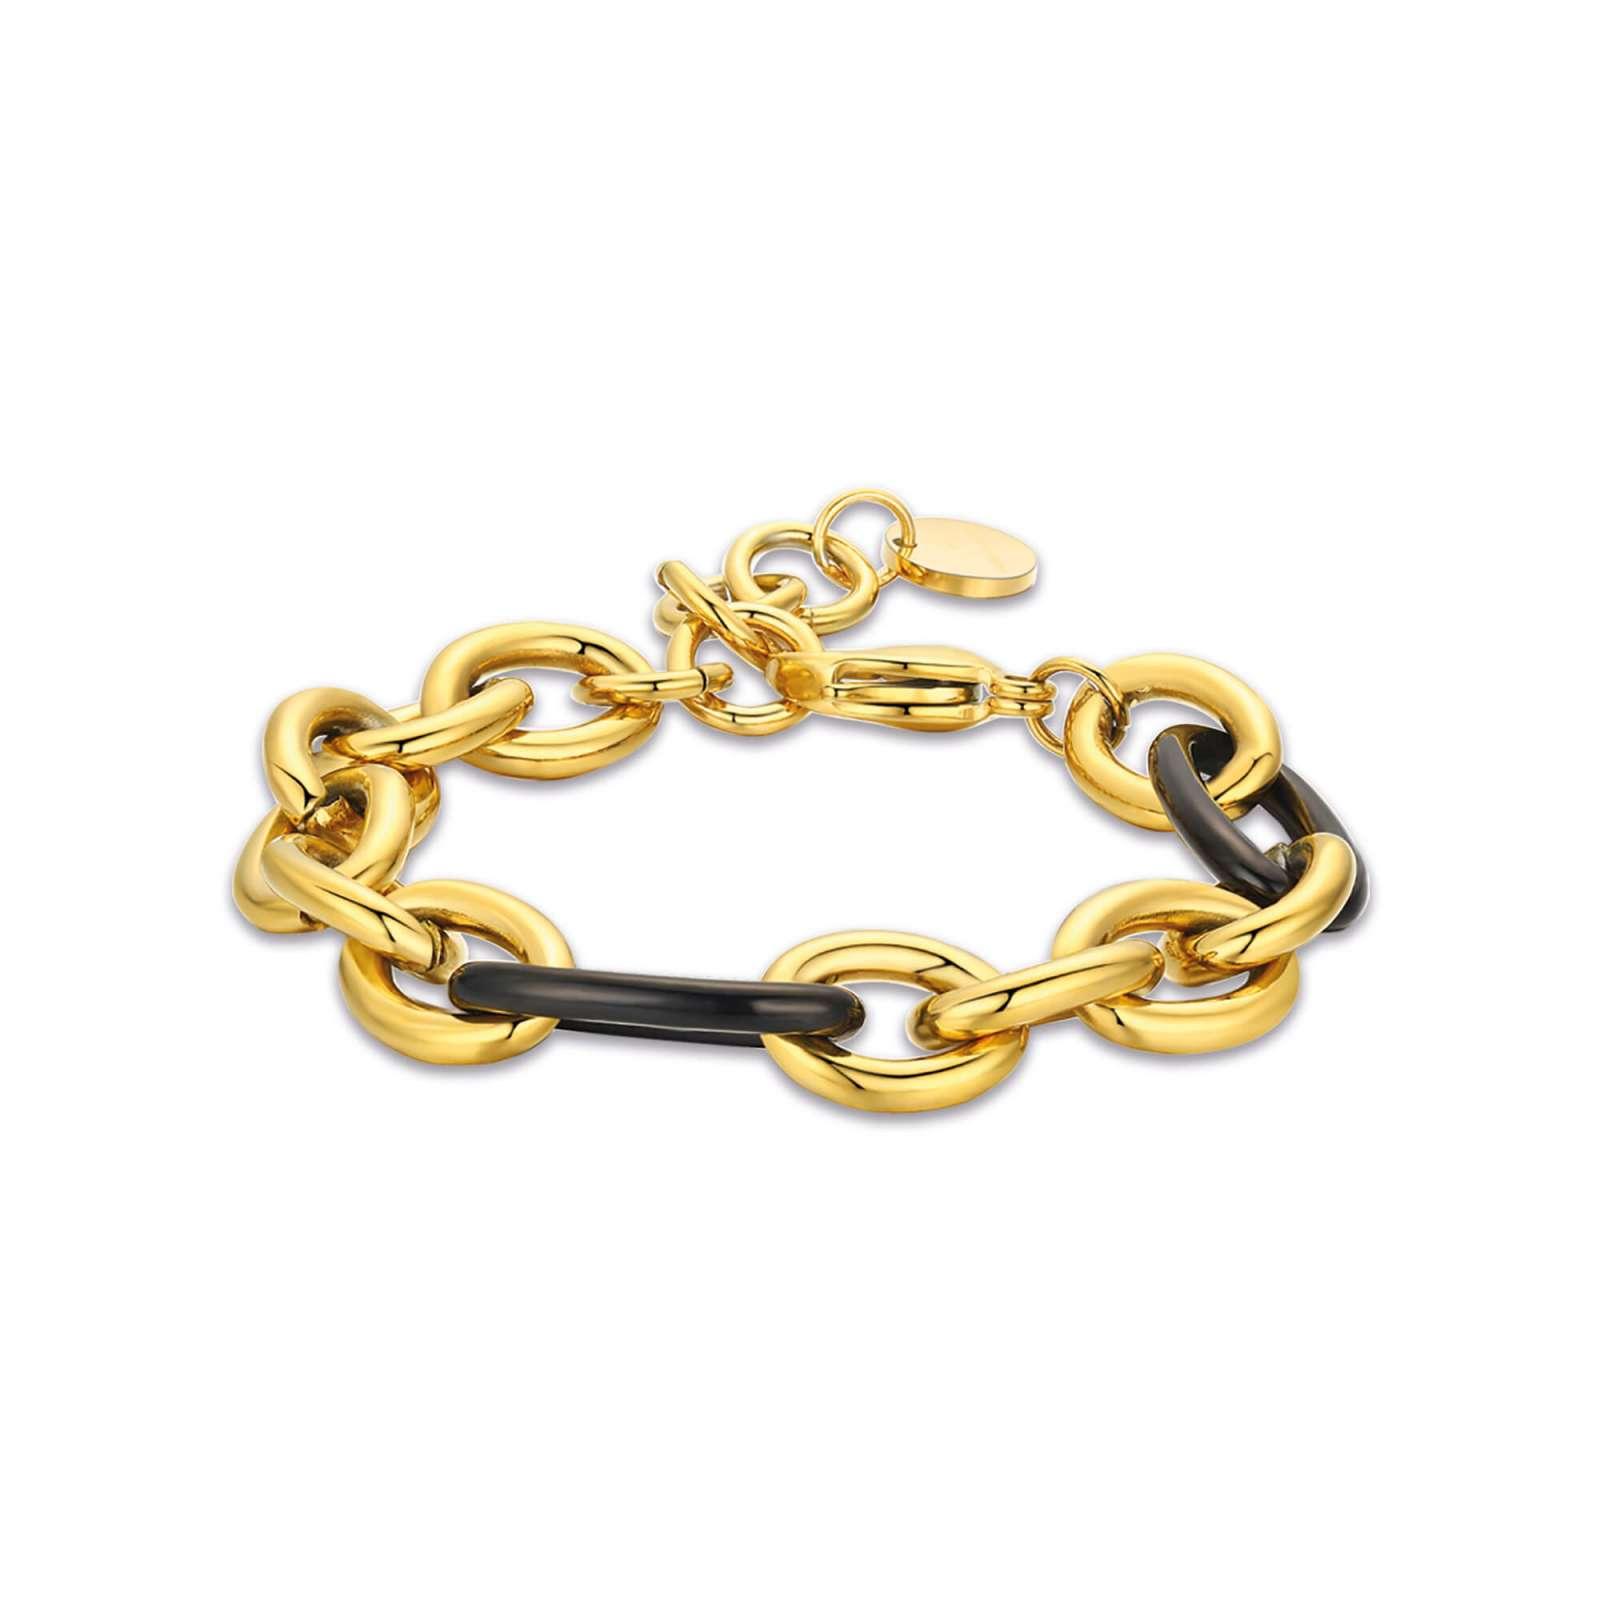 Luca Barra - Bracciale in acciaio dorato e acciaio nero